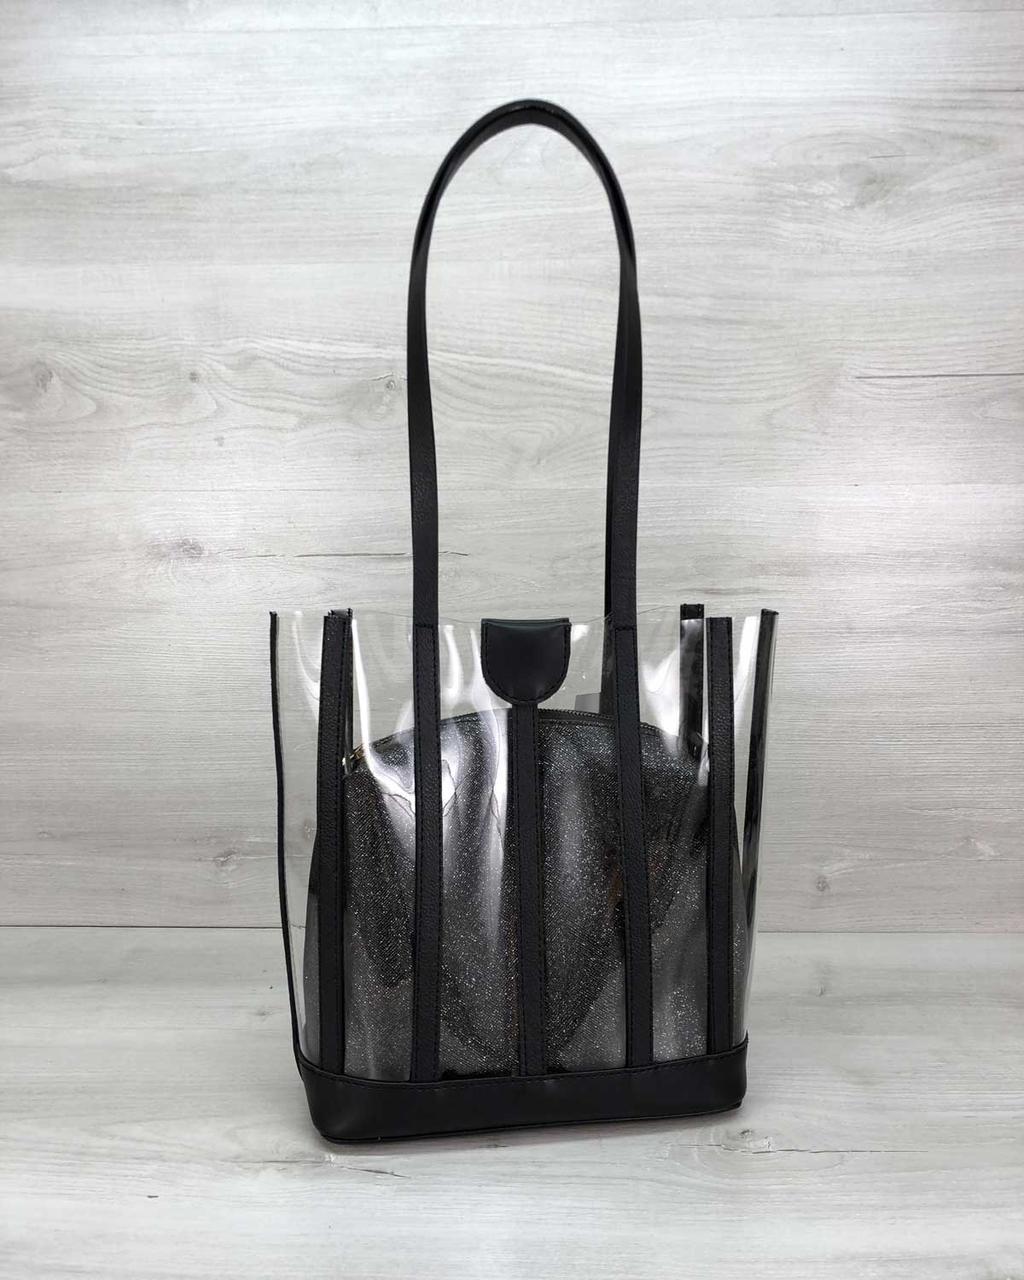 Жіноча стильна силіконова сумка з чорною блискучою косметичкою